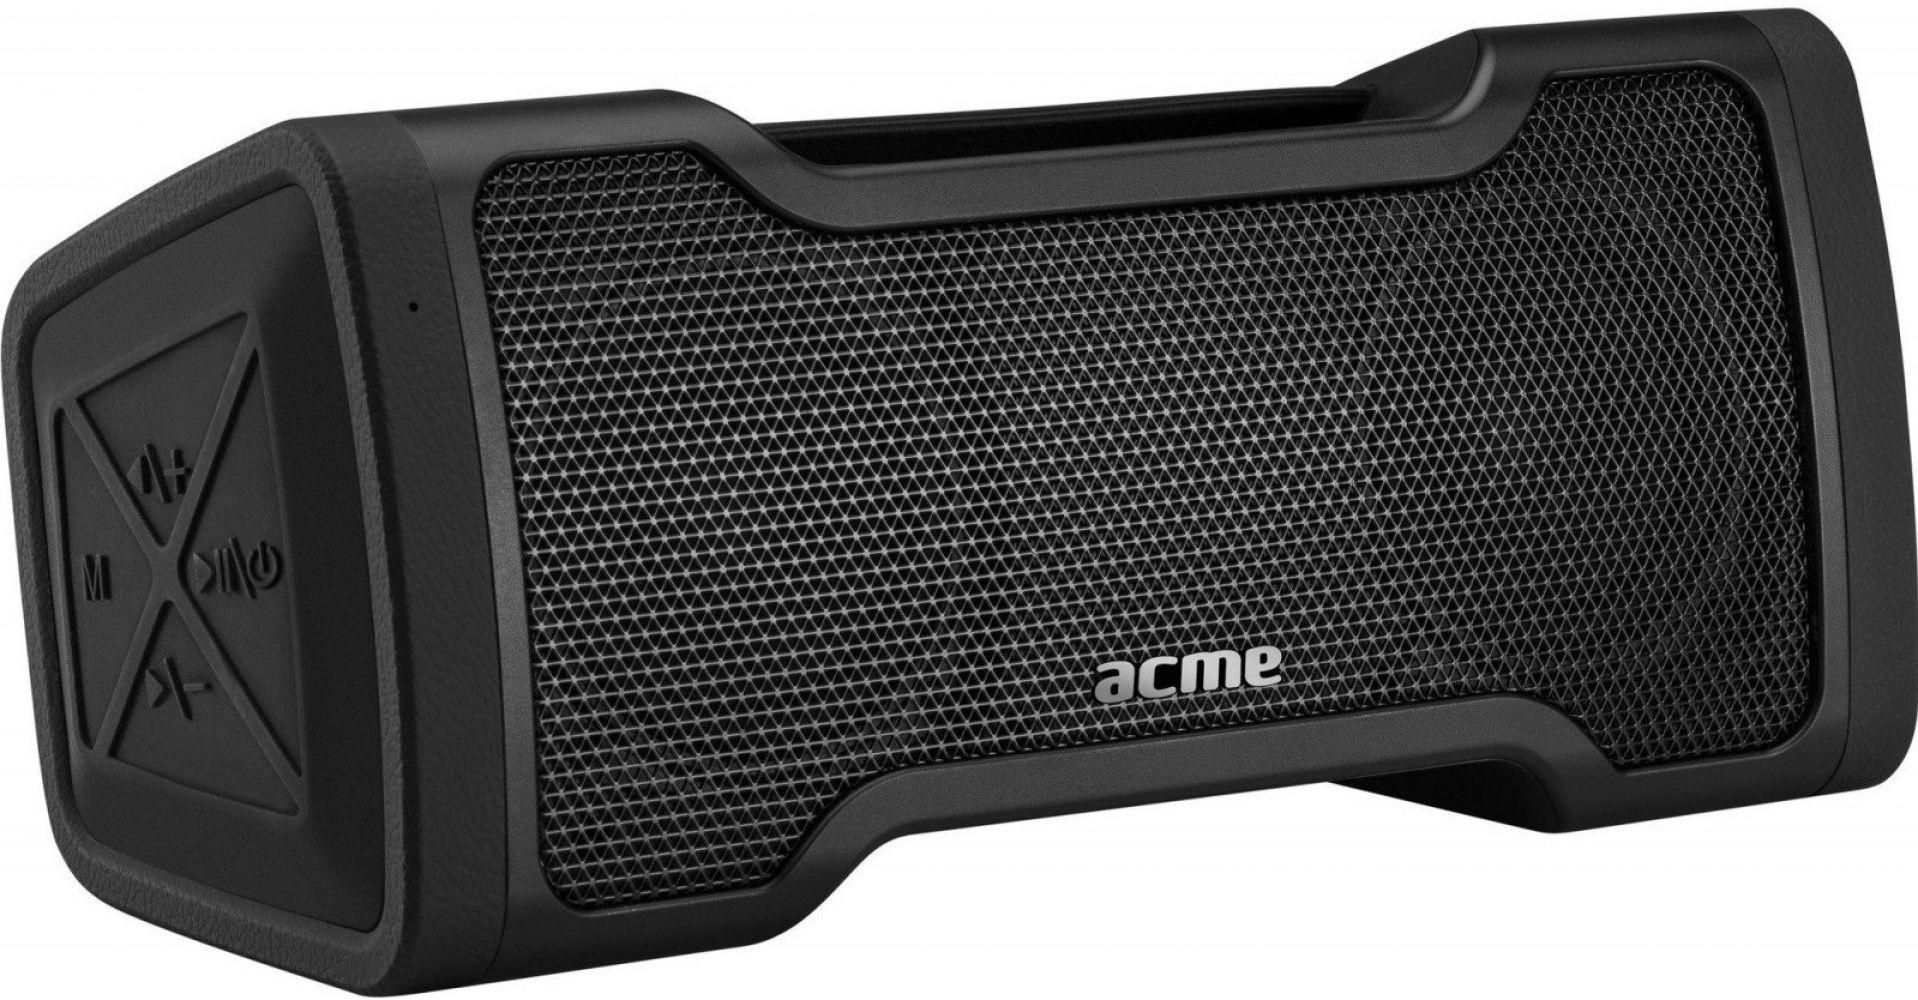 Купить Портативная акустика Acme PS408 Bluetooth Outdoor Speaker (4770070880005) Black